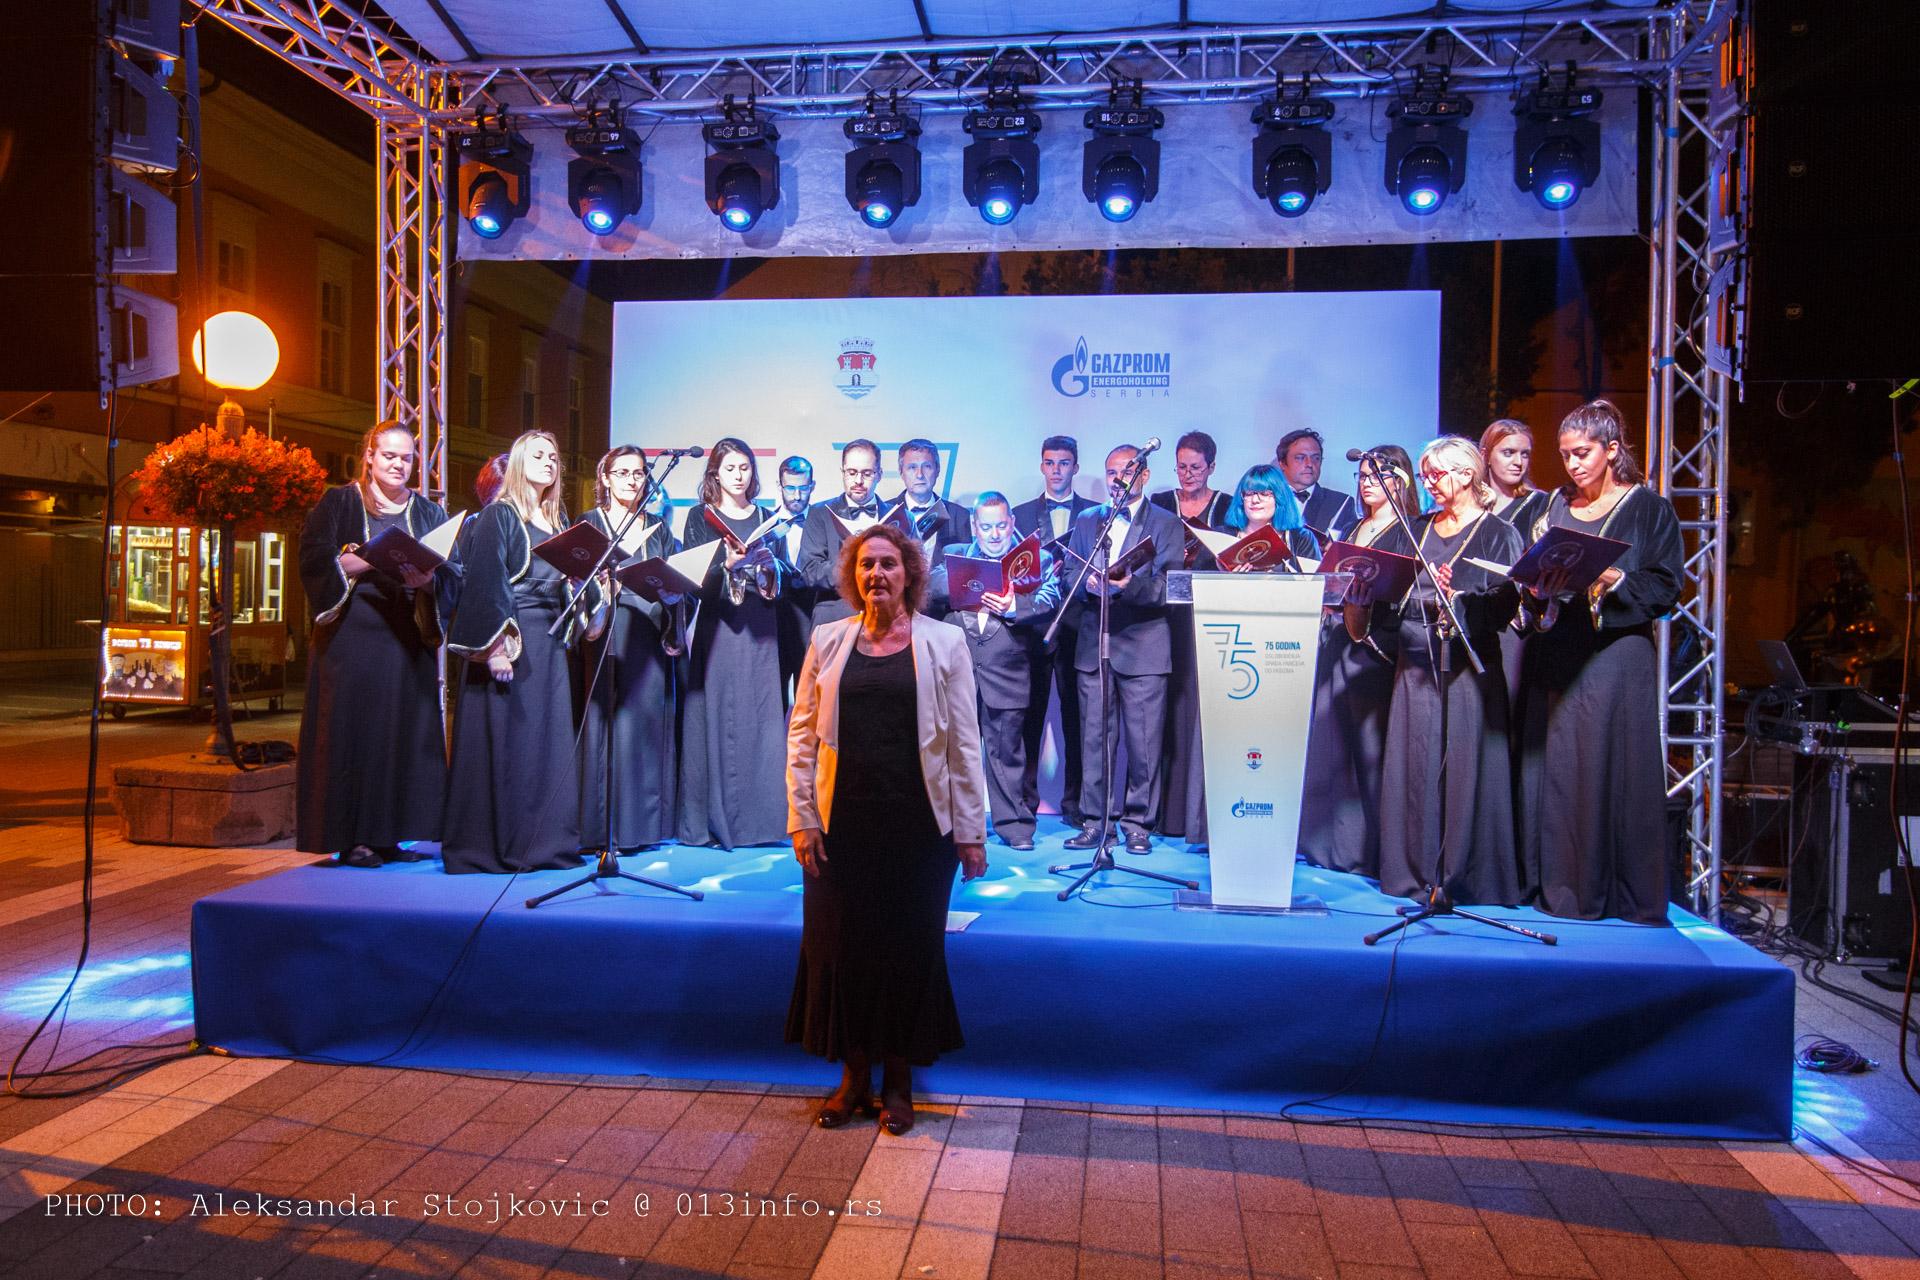 Koncert povodom 75 godina od oslobođenja Pančeva